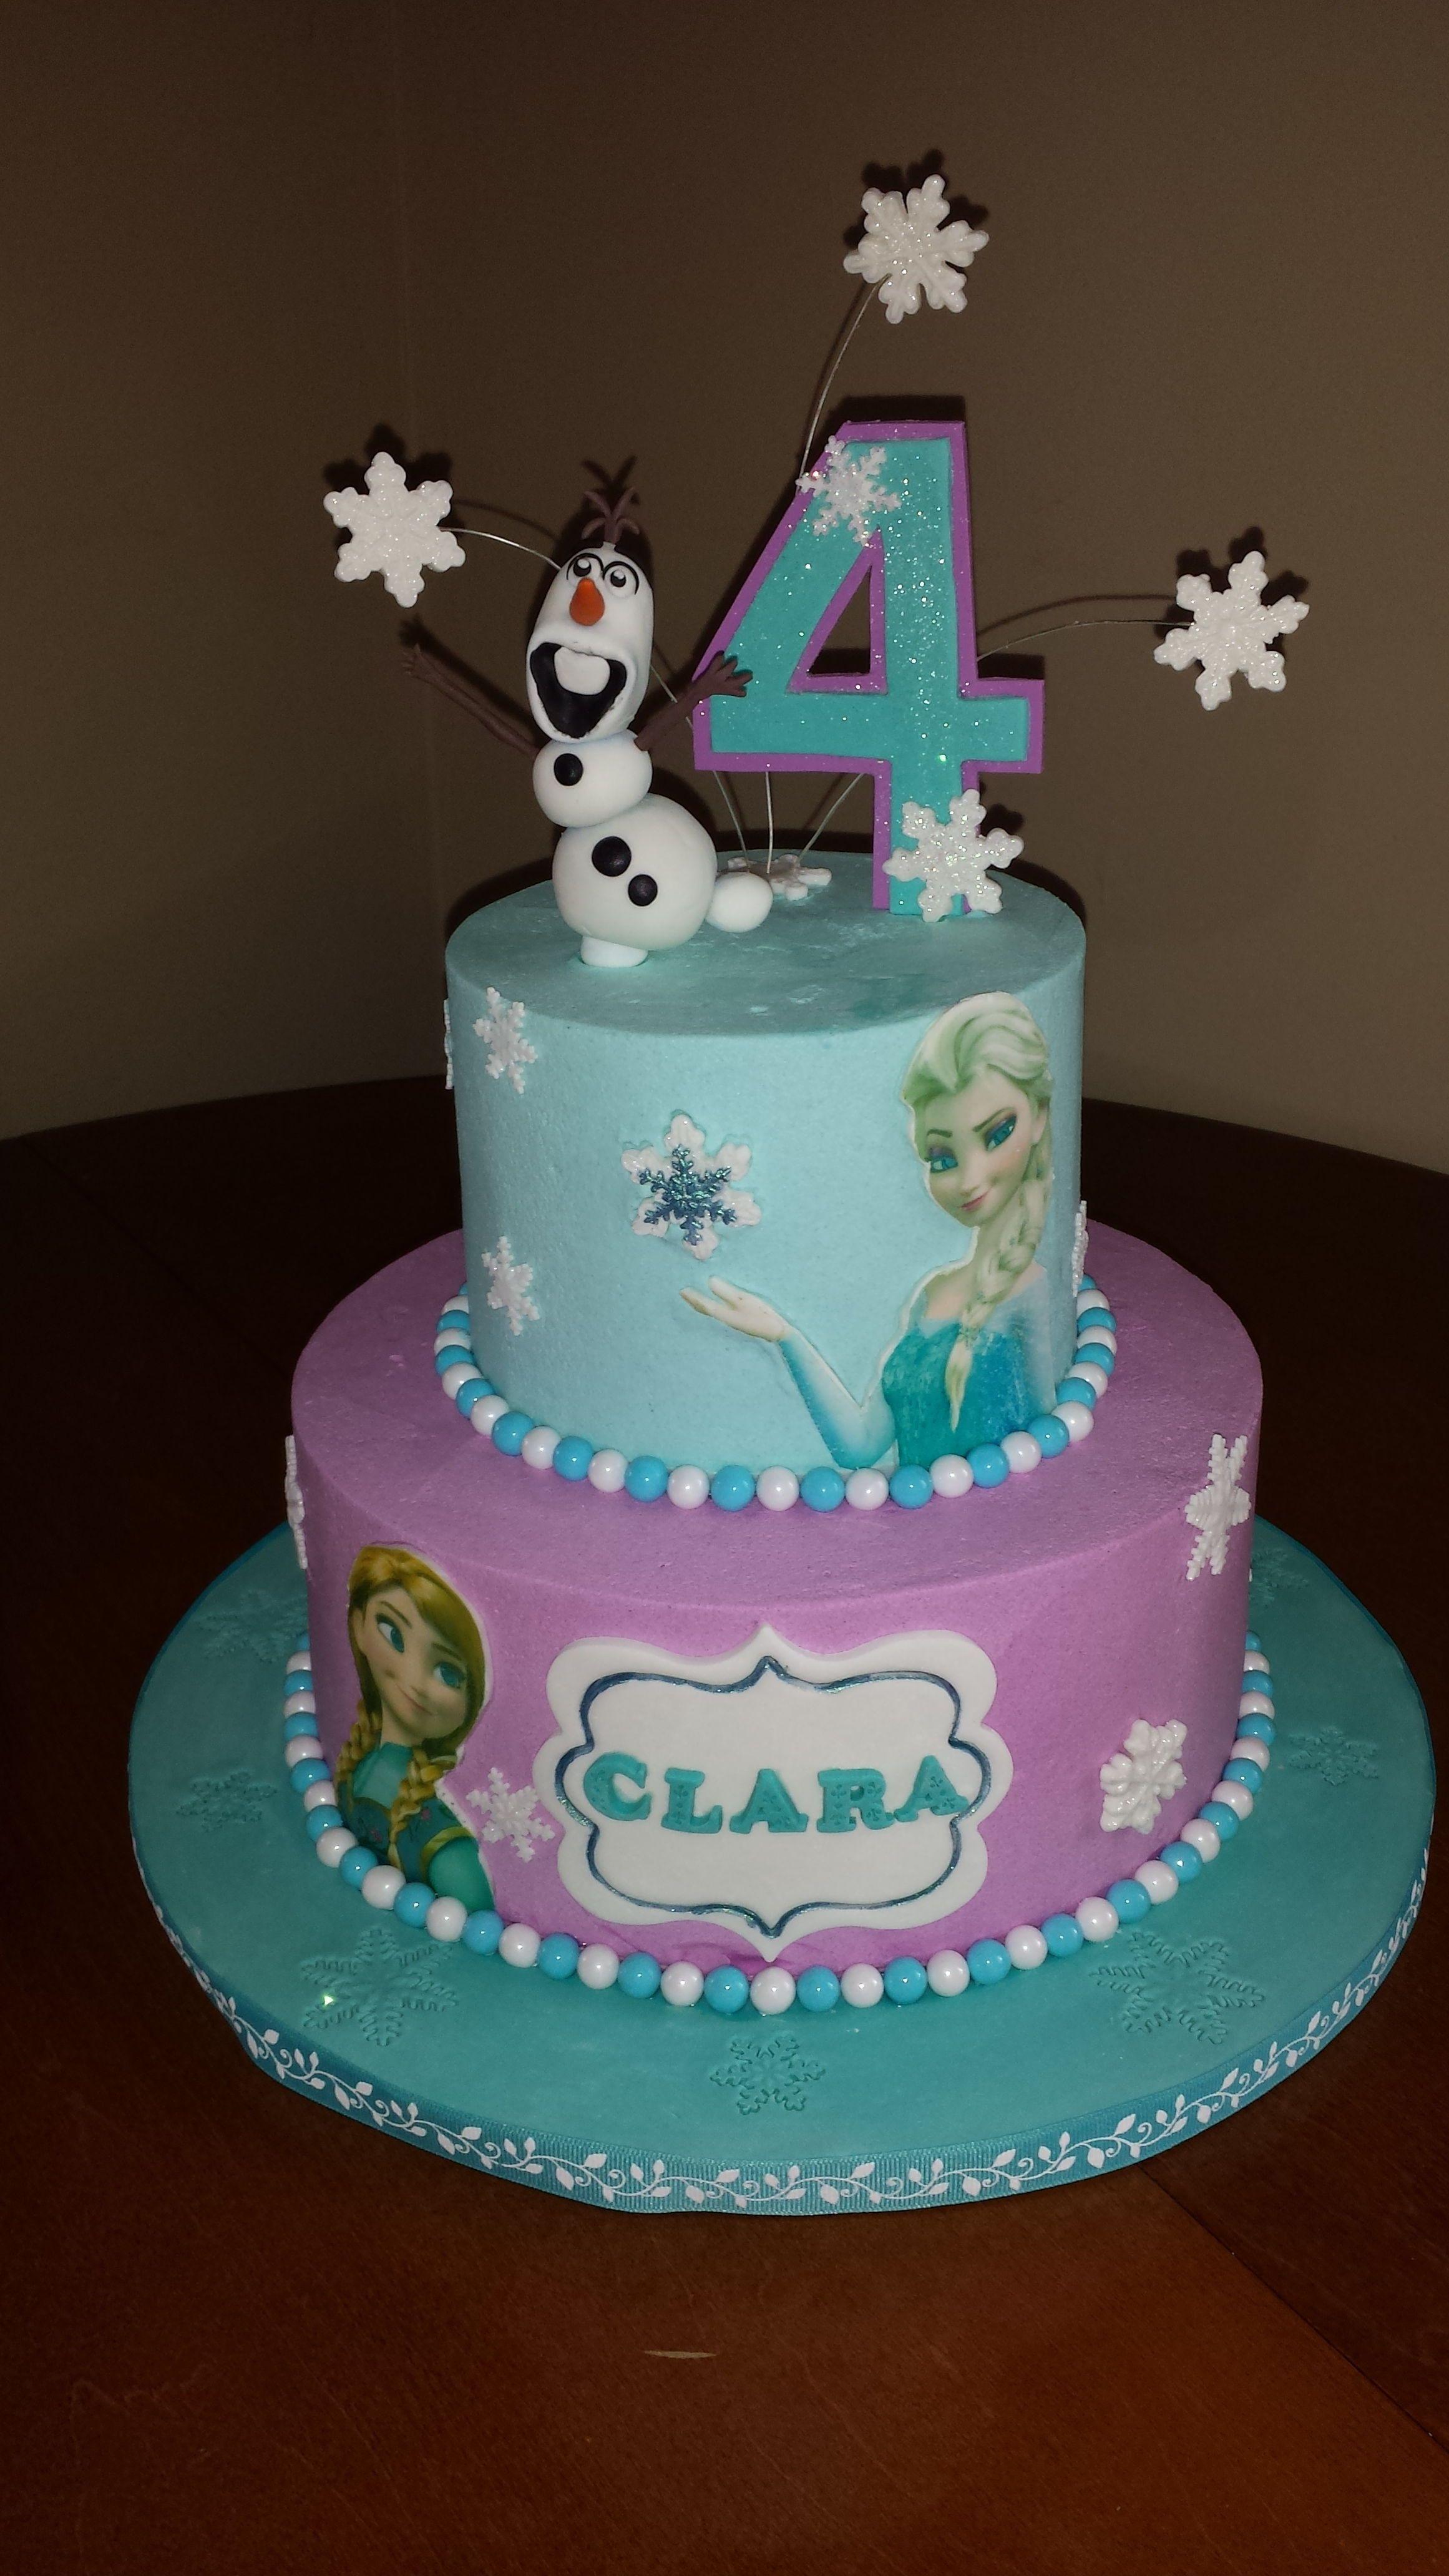 Disney Themed Cakes Frozen themed birthday cake Kids birthday